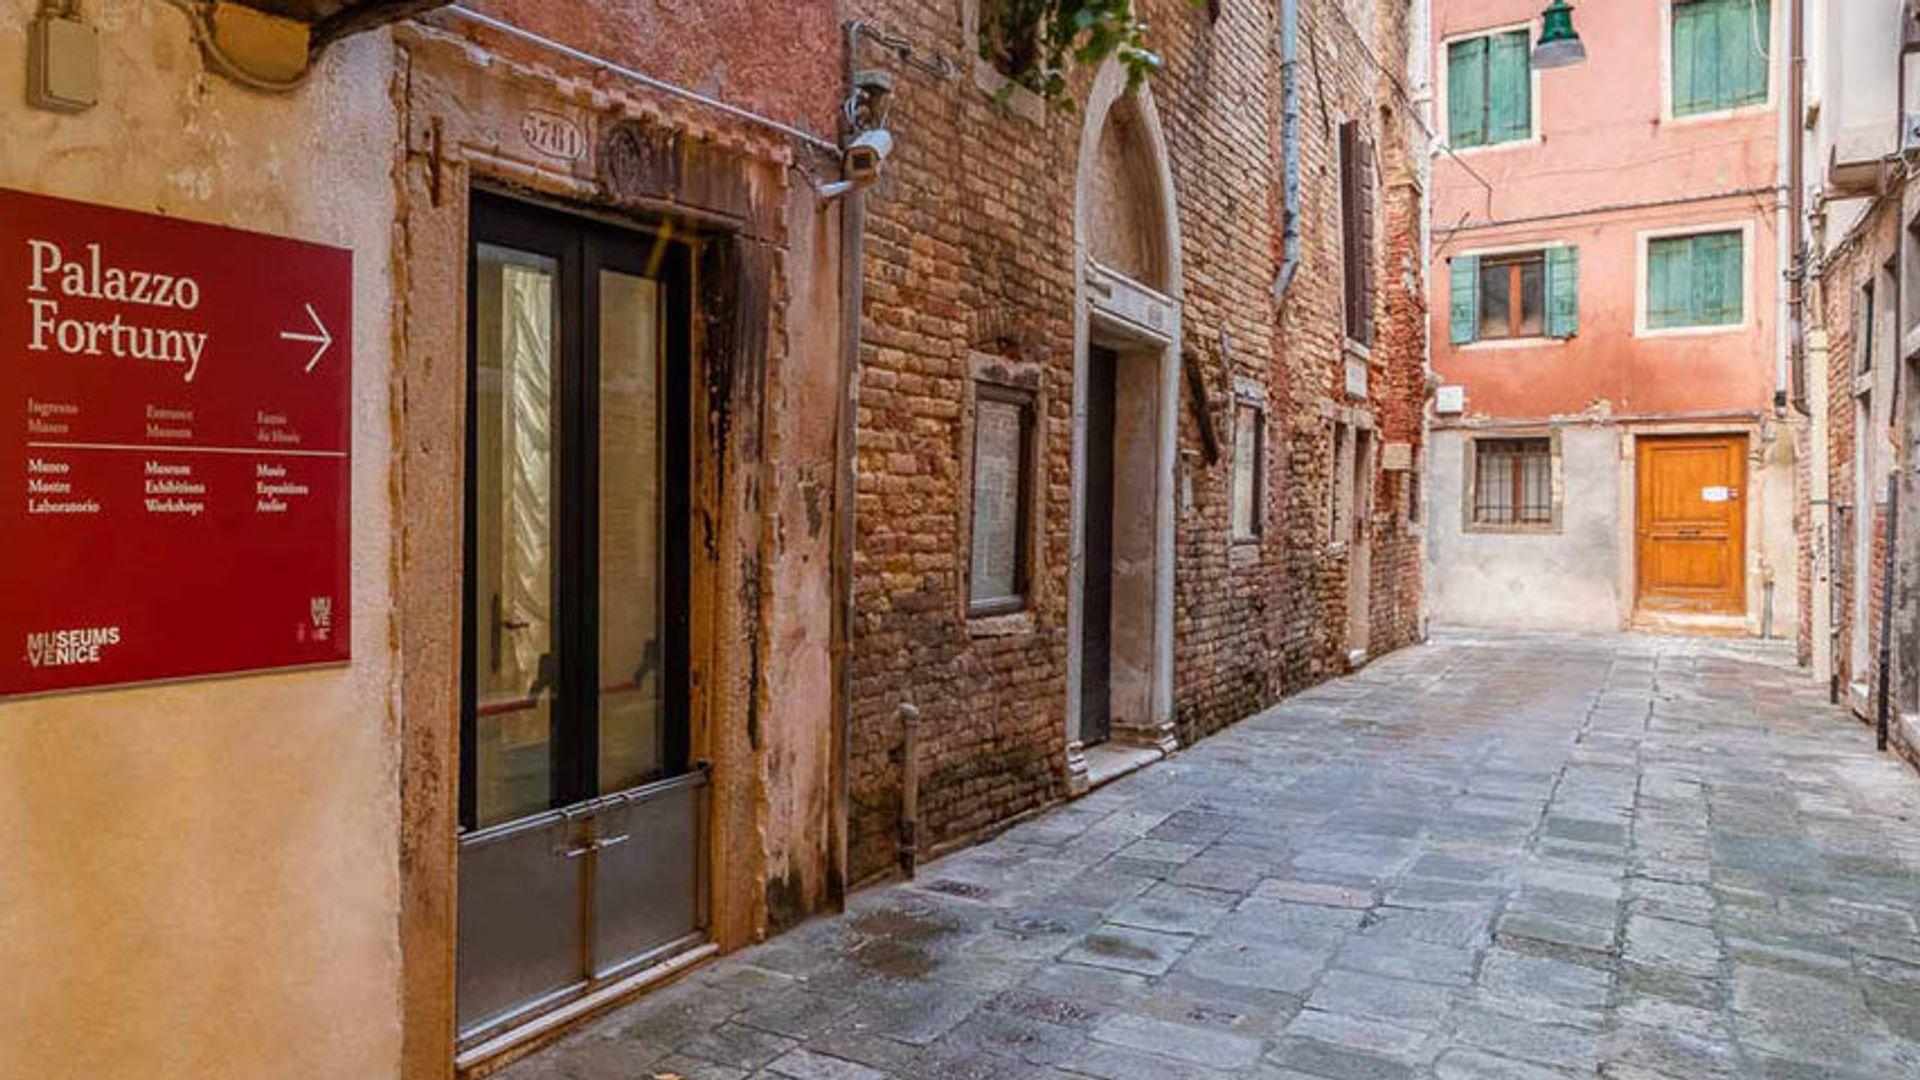 En el corazón de Venecia, un hotel confortable donde te puedes quedar también con tus amigos de cuatro patas. El hotel cuenta con lindas habitaciones y ofrece un rico buffet de desayuno.